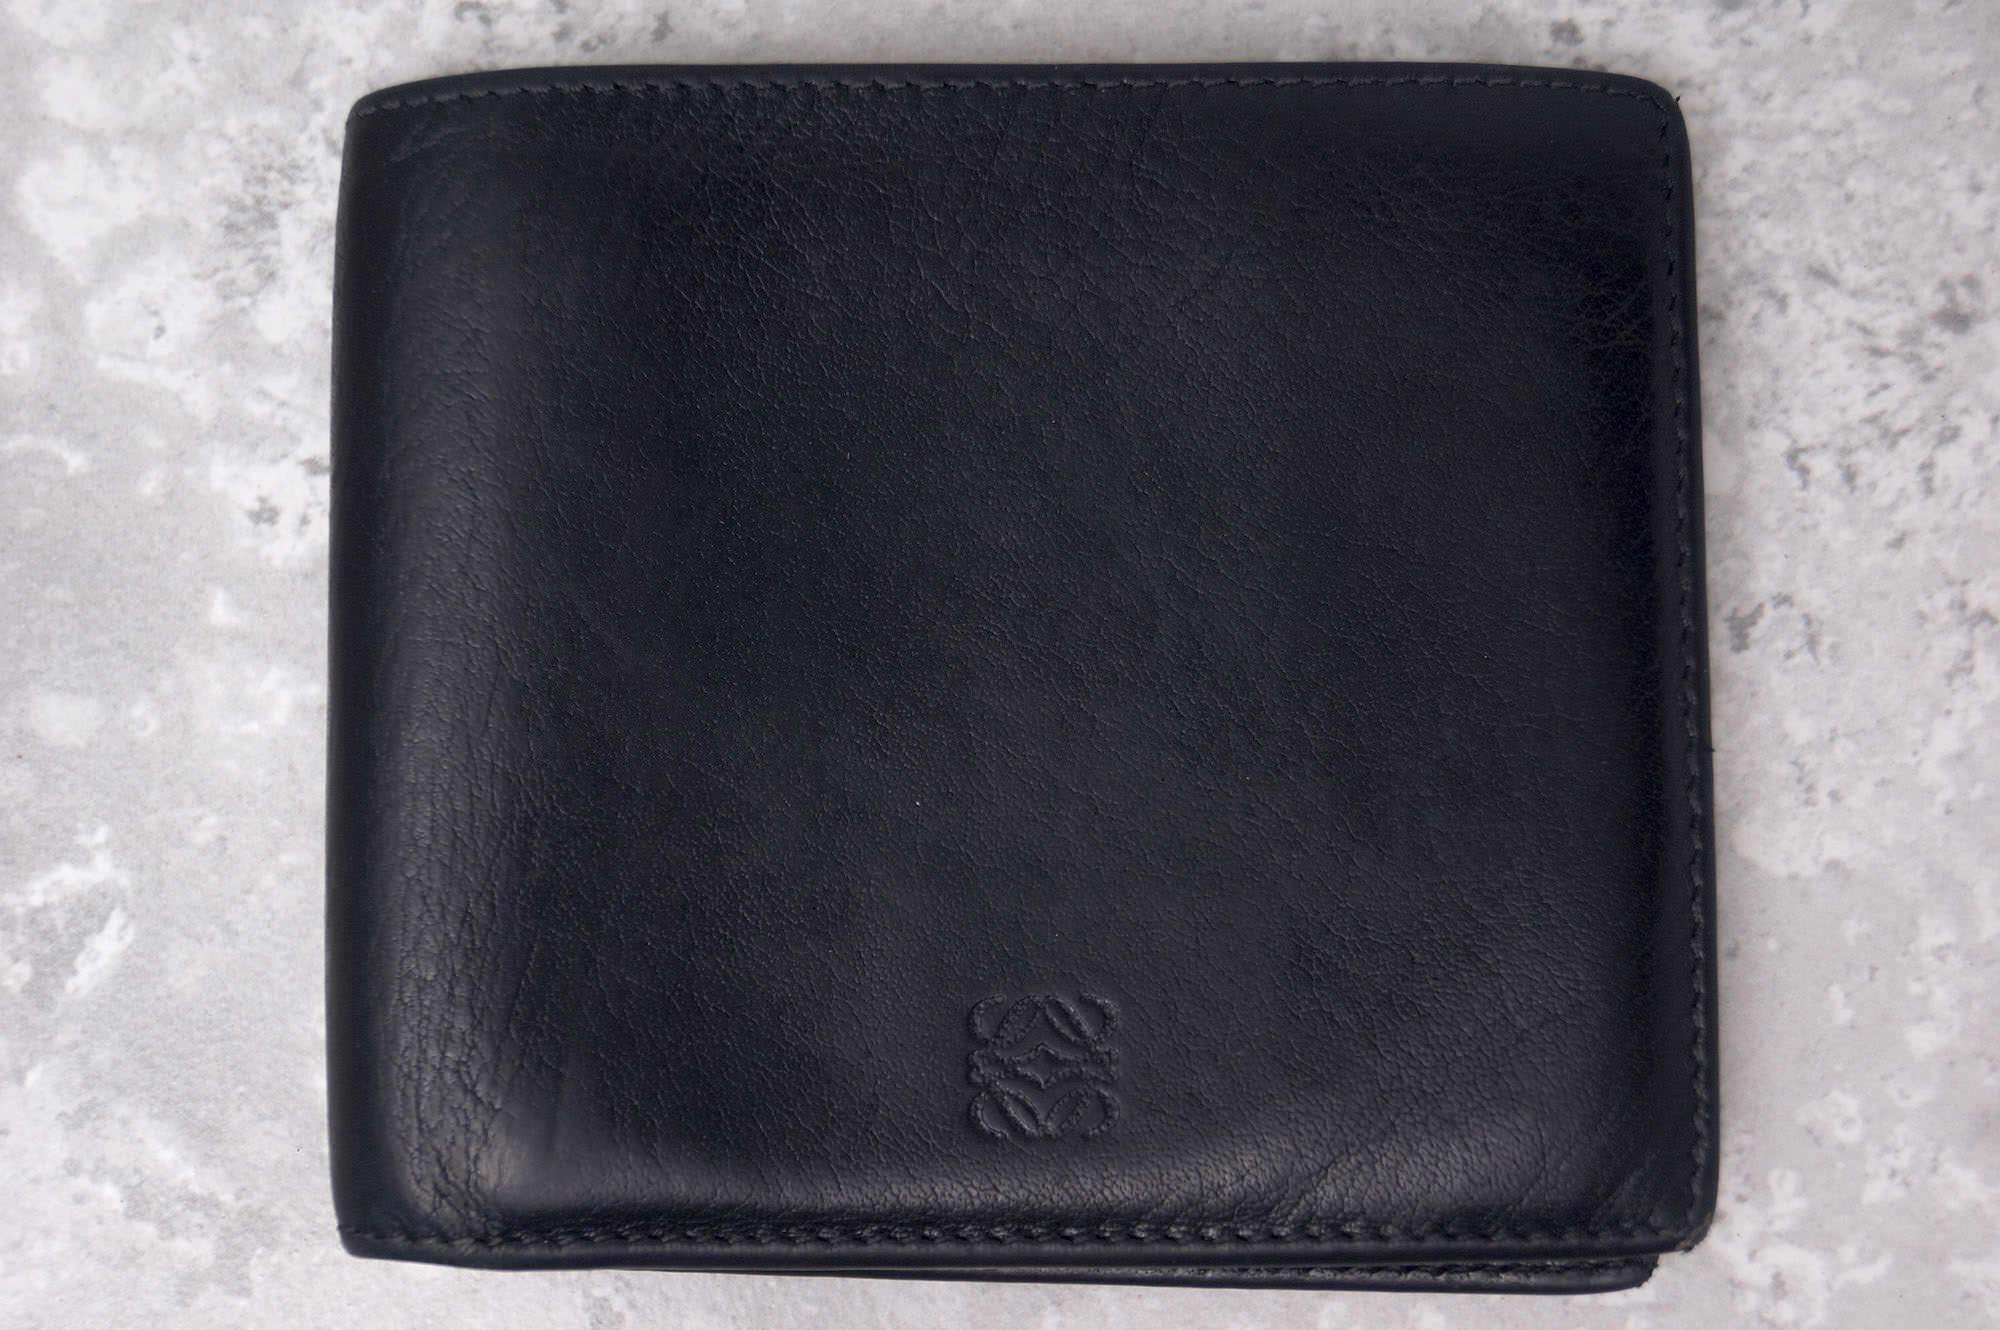 best website 4bb86 1a61e ロエベ / LOEWE 財布 メンズ ブラック 黒 二つ折り 札入れ